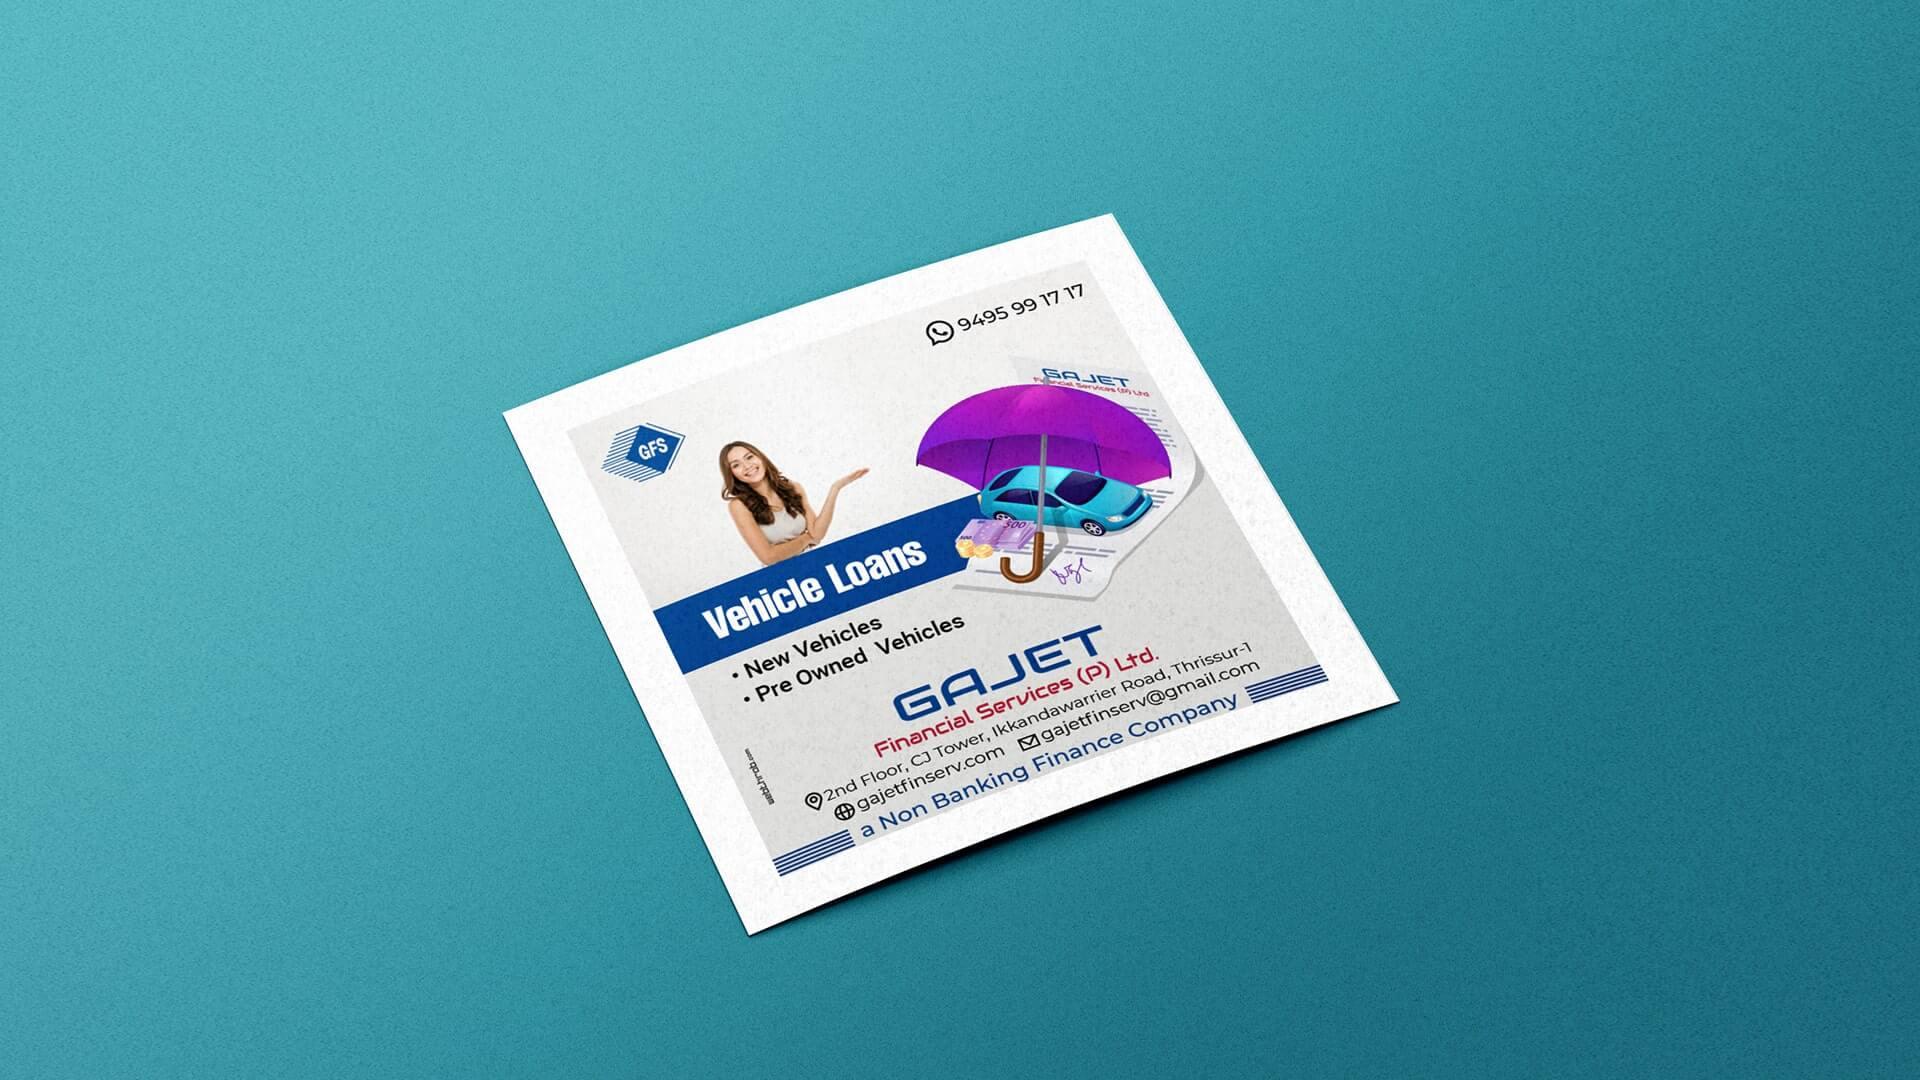 Gajet Financial Services Main Webthrob Advertising Agency in Kerala Website Designing Agency in Kerala Social Media Marketing +917034034444-2-min